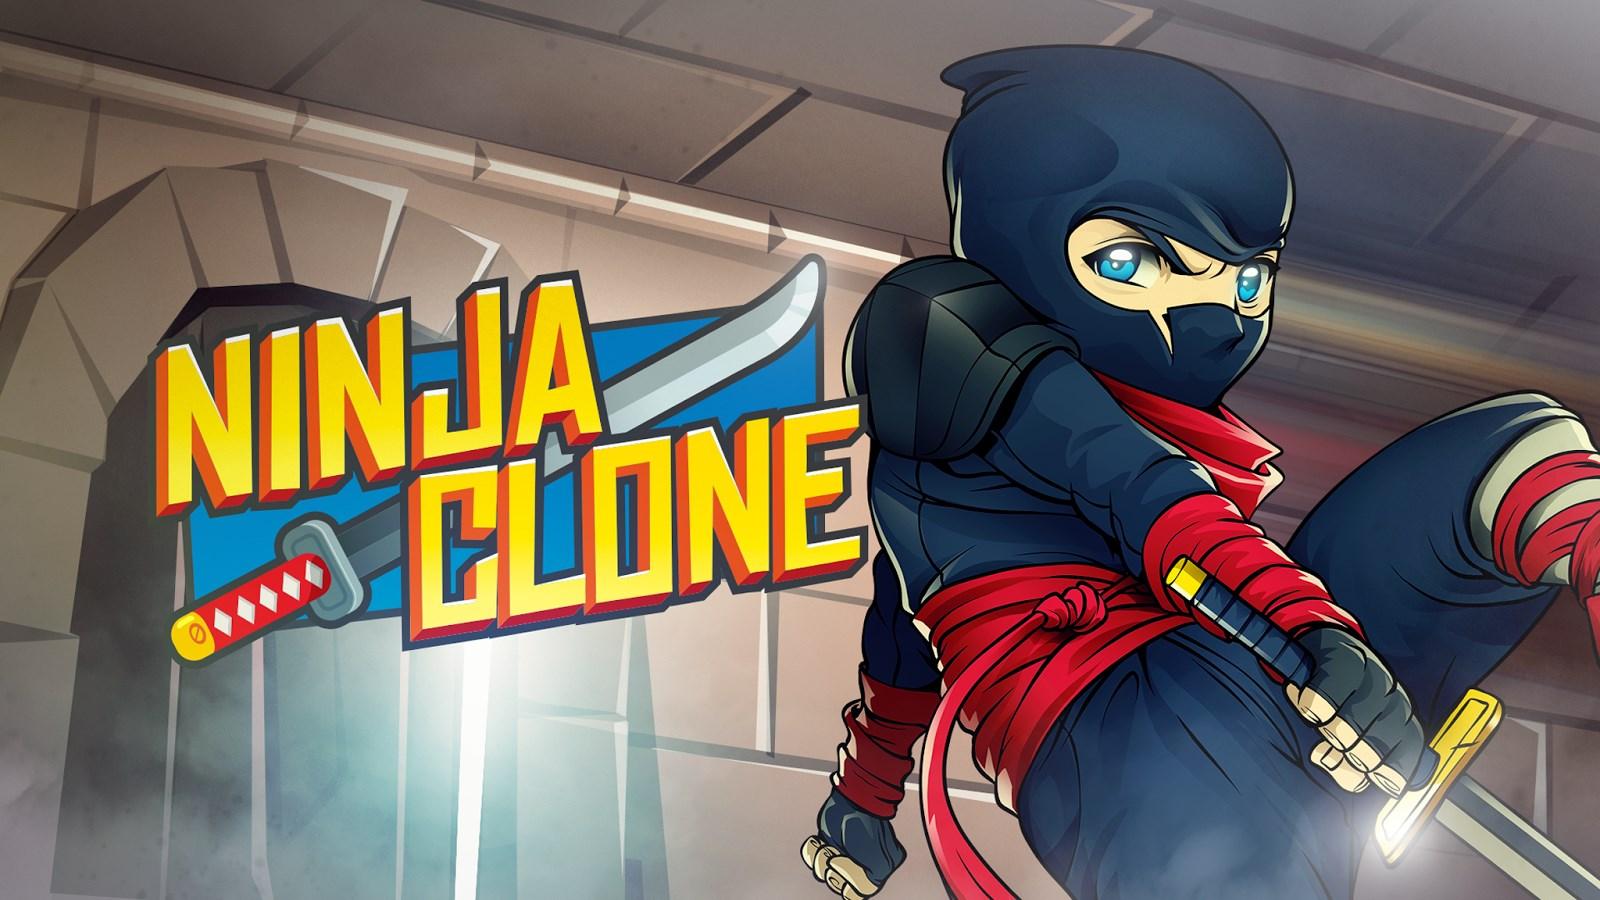 Ninja Clone - Imagem 1 do software